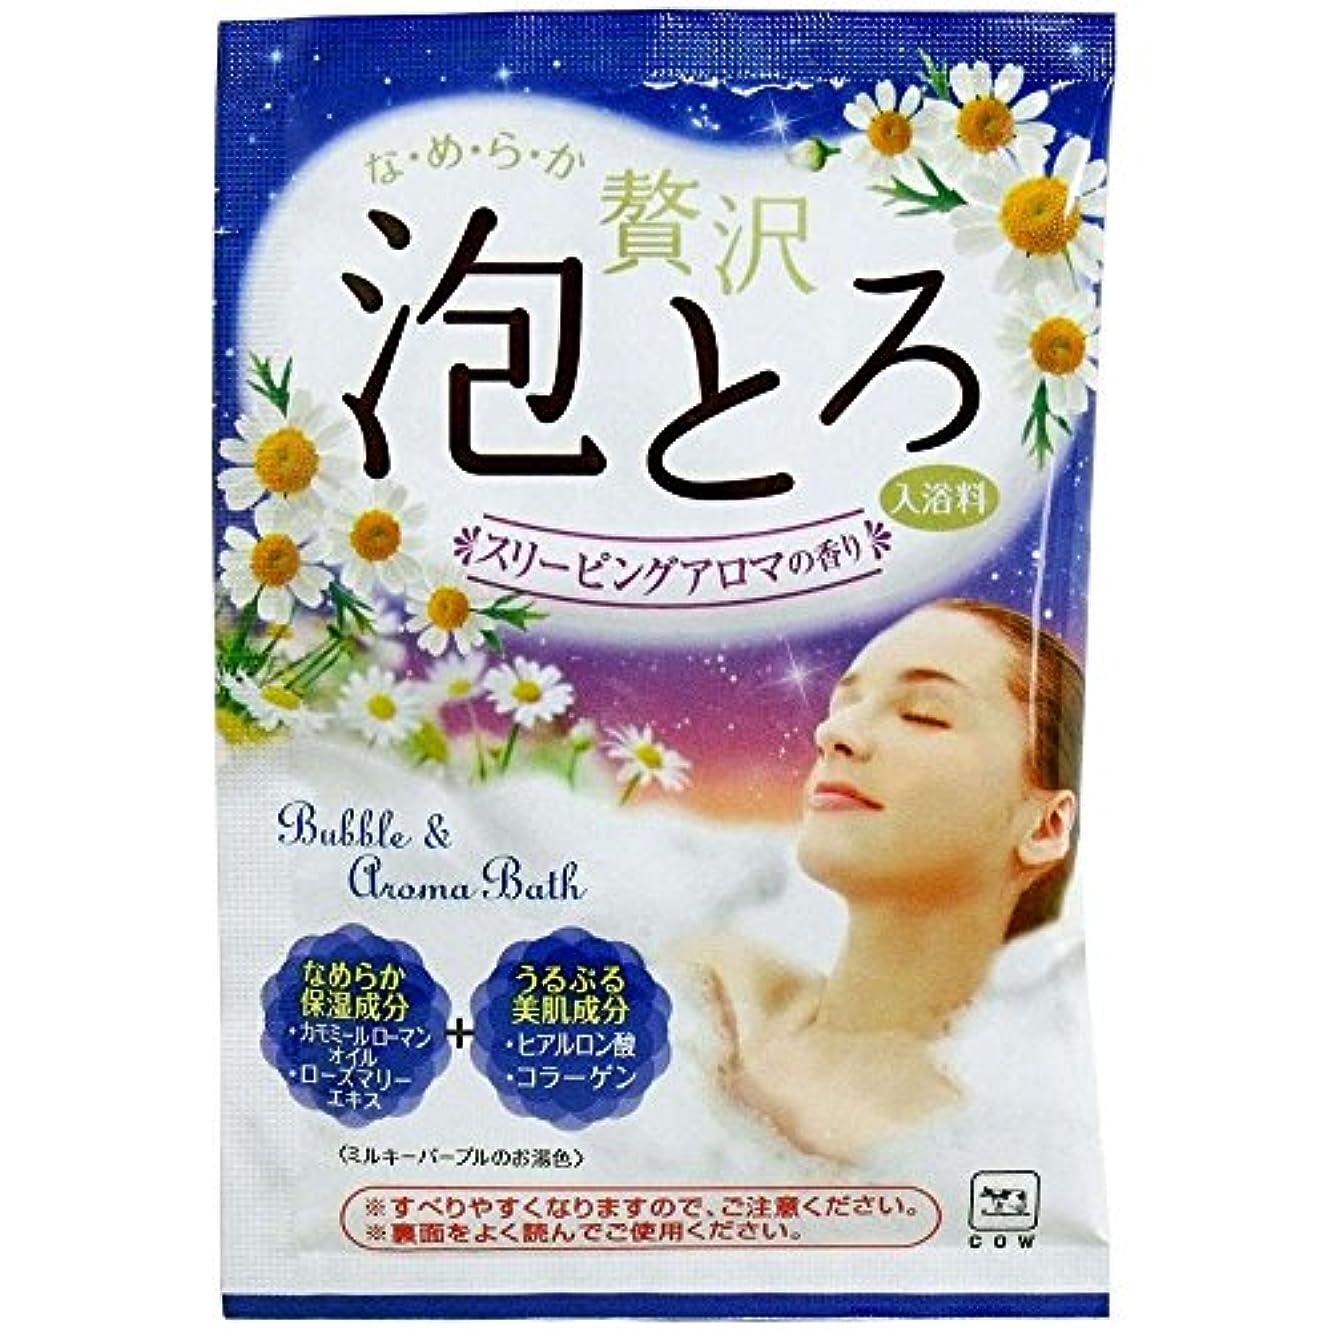 味方ページ歩道牛乳石鹸 お湯物語 贅沢泡とろ 入浴料 スリーピングアロマ 30g